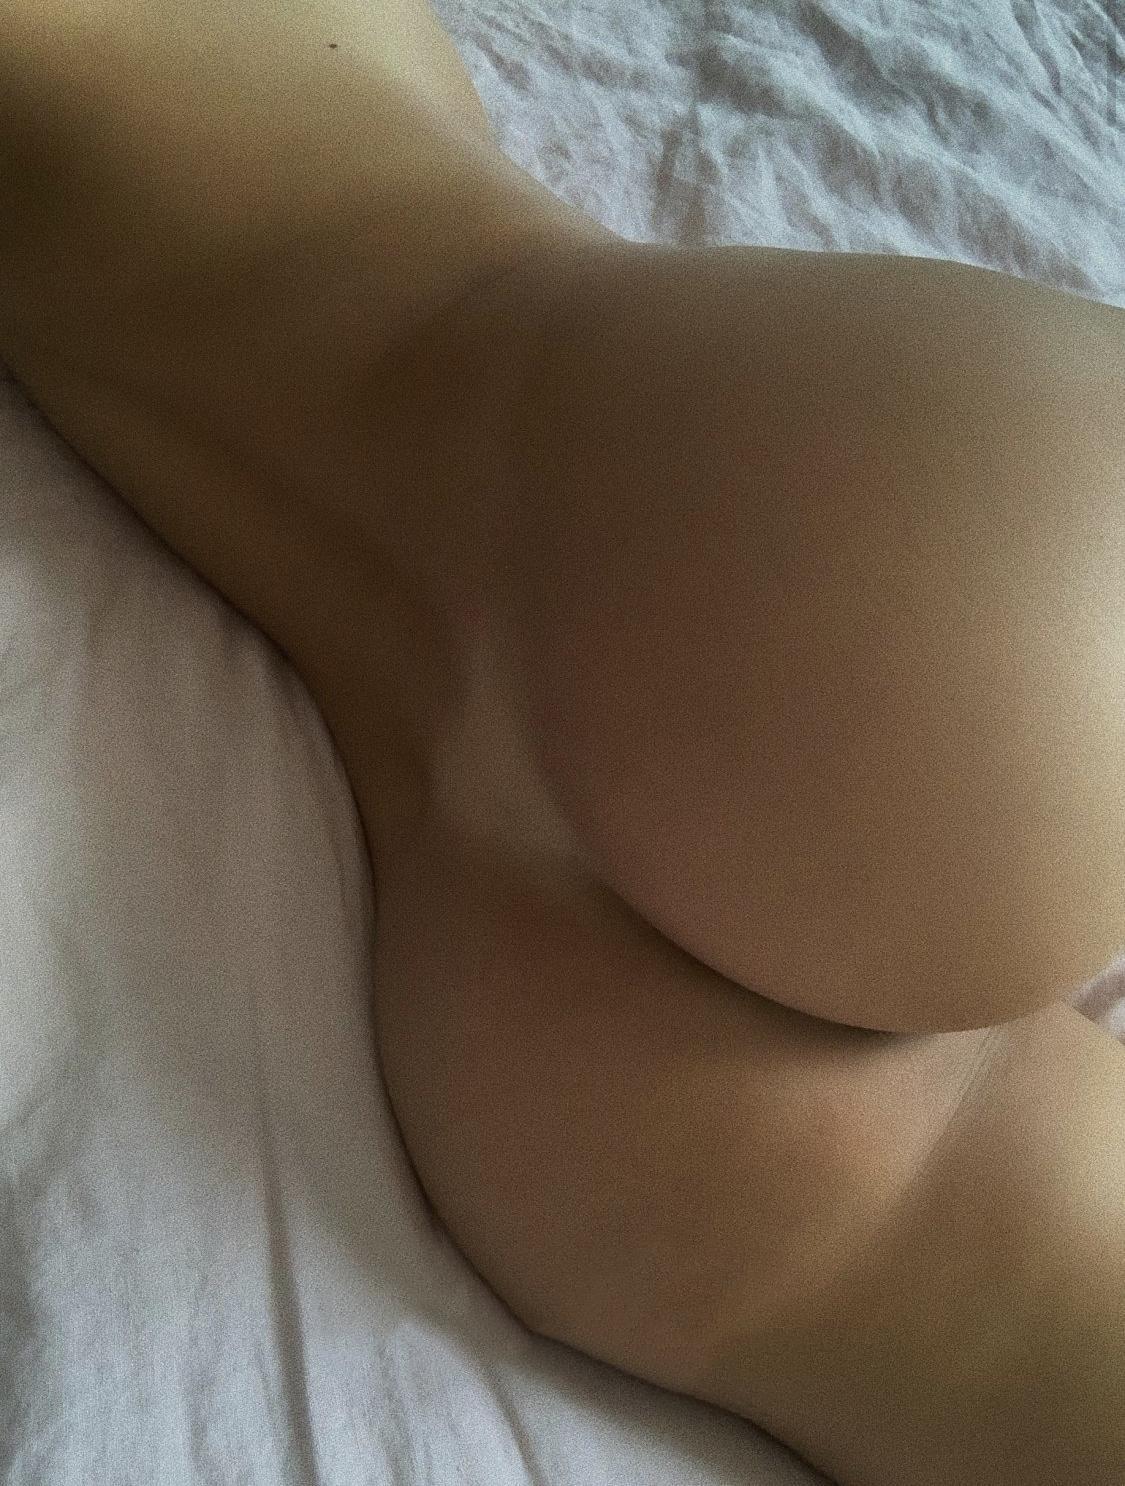 Mathilde Tantot Nude Onlyfans Leaked! 0084